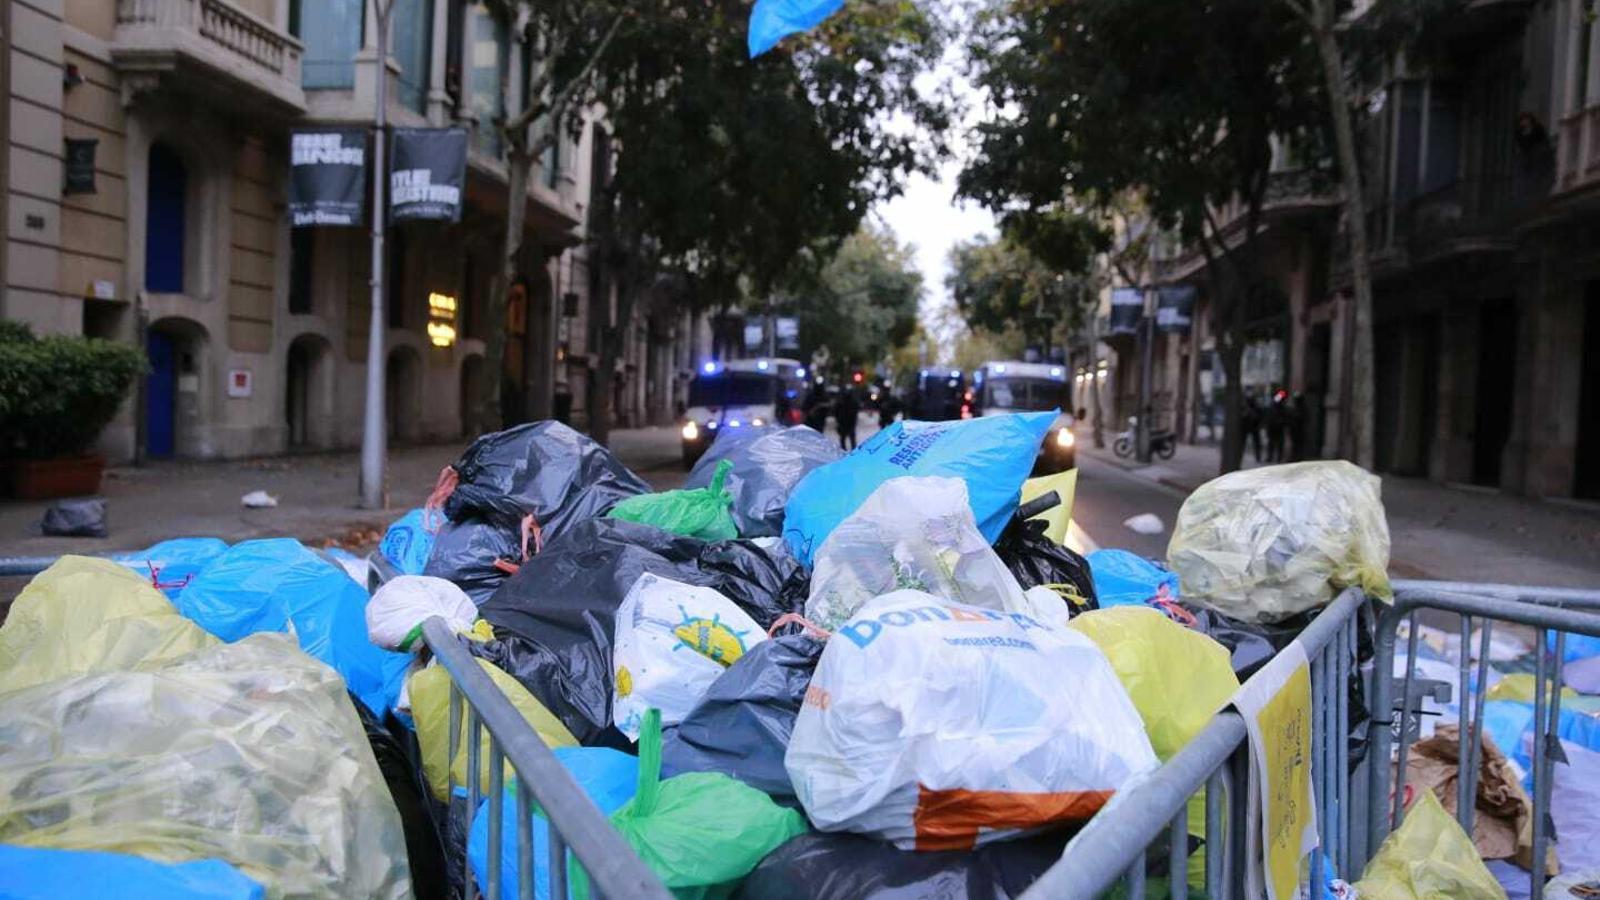 Bosses d'escombraries s'acumulen davant la delegació del govern a Barcelona